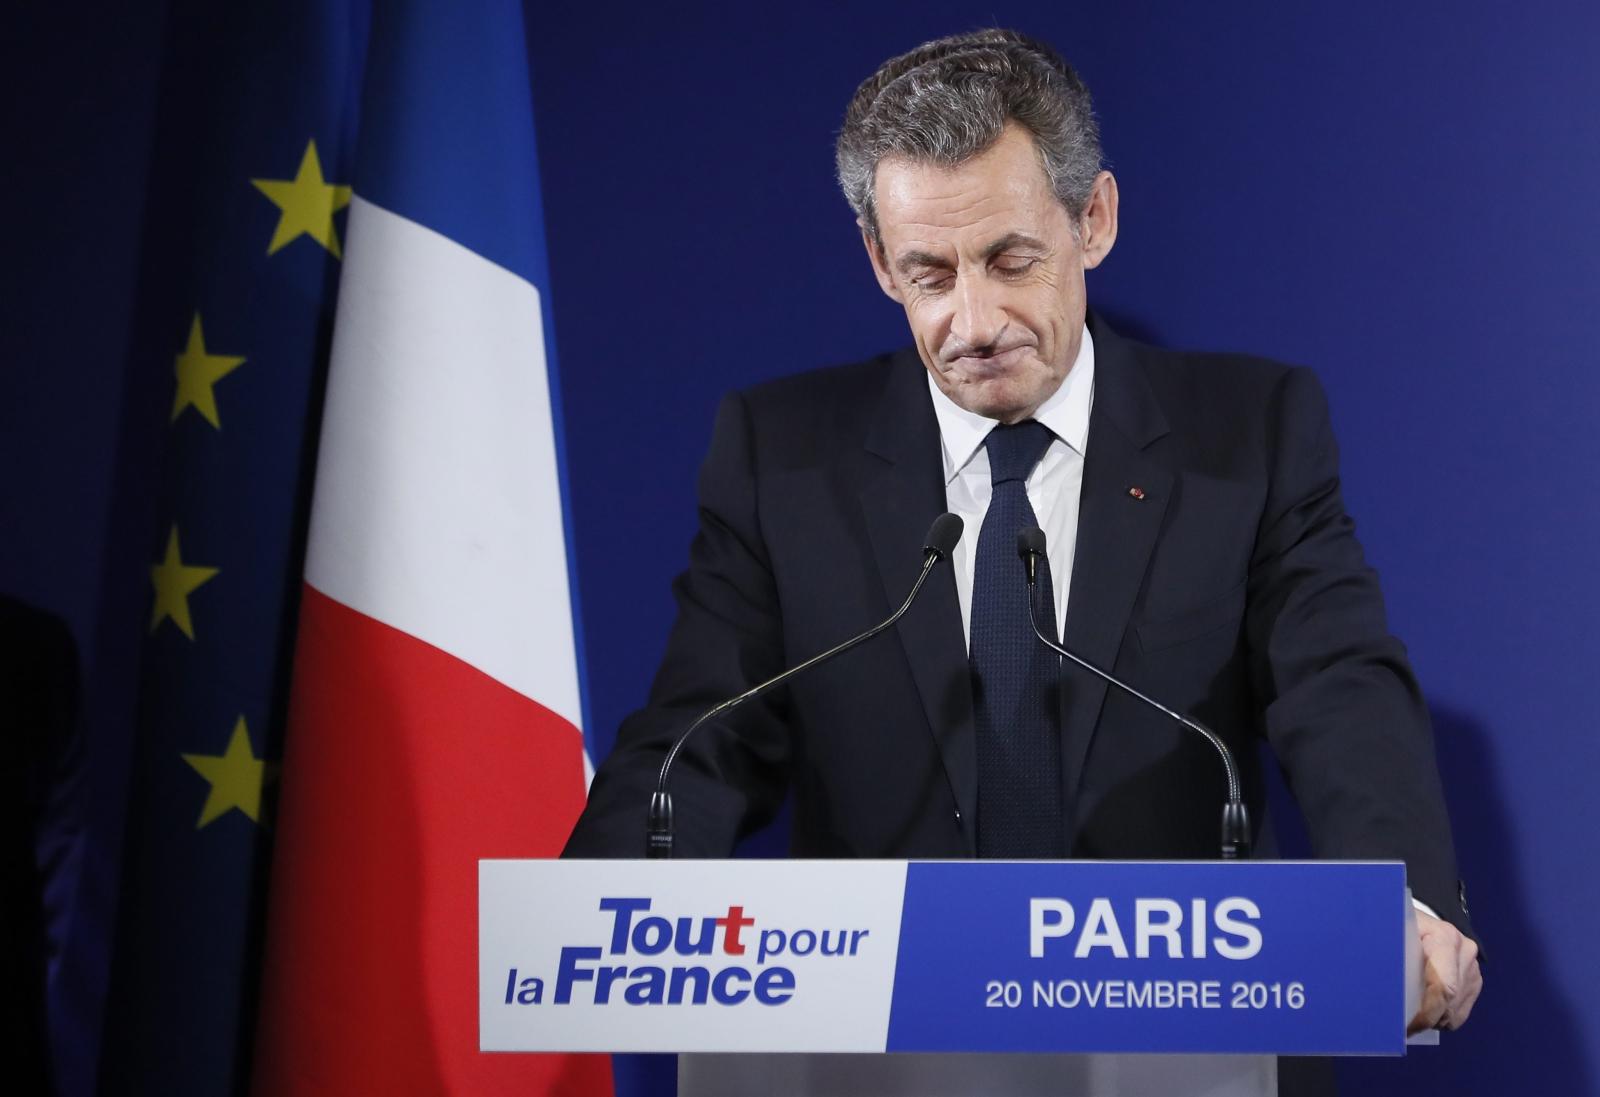 Były prezydent Nicolas Sarcozy tłumaczy sięz przegranej w pierwszej turze prawyborów w partii Republikańskiej, Francja.